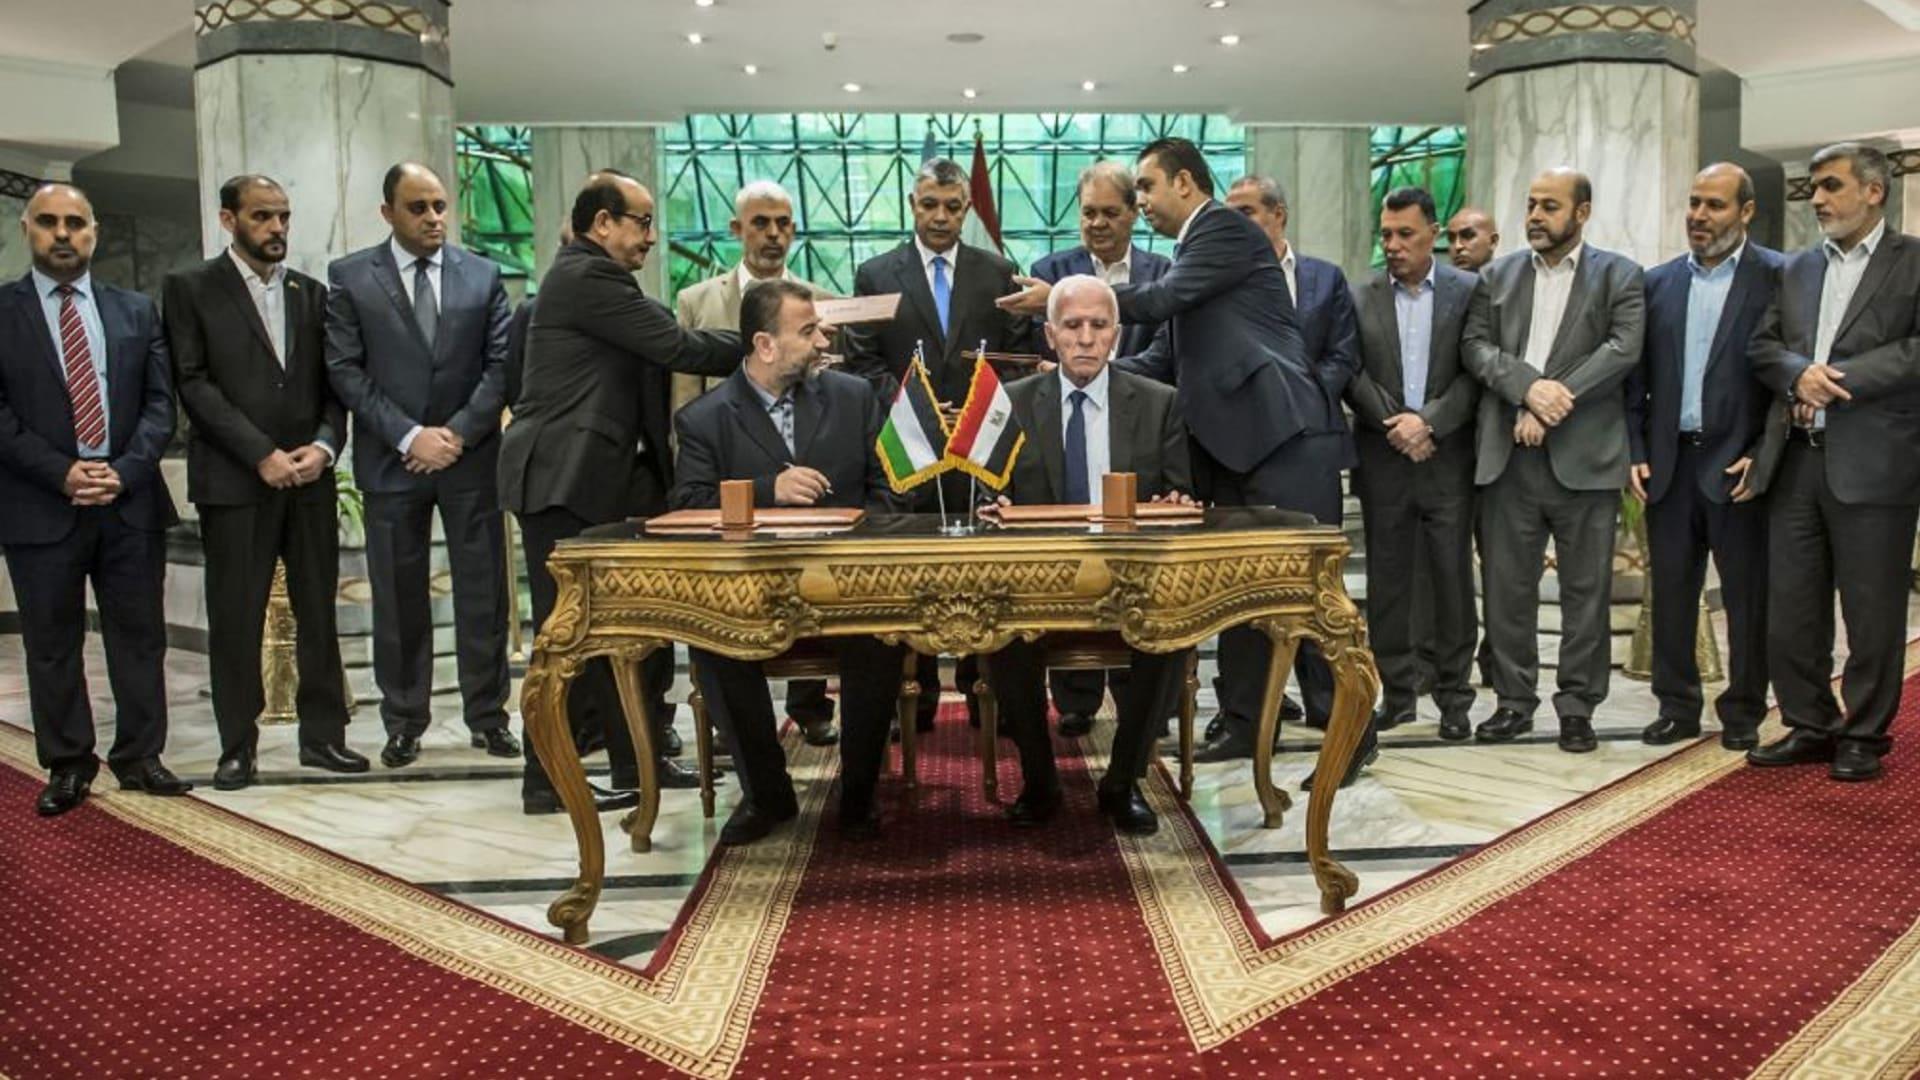 """حماس ترحب بدعوة روسيا لعقد """"لقاء مصالحة"""" مع حركة فتح: موقفنا ثابت"""